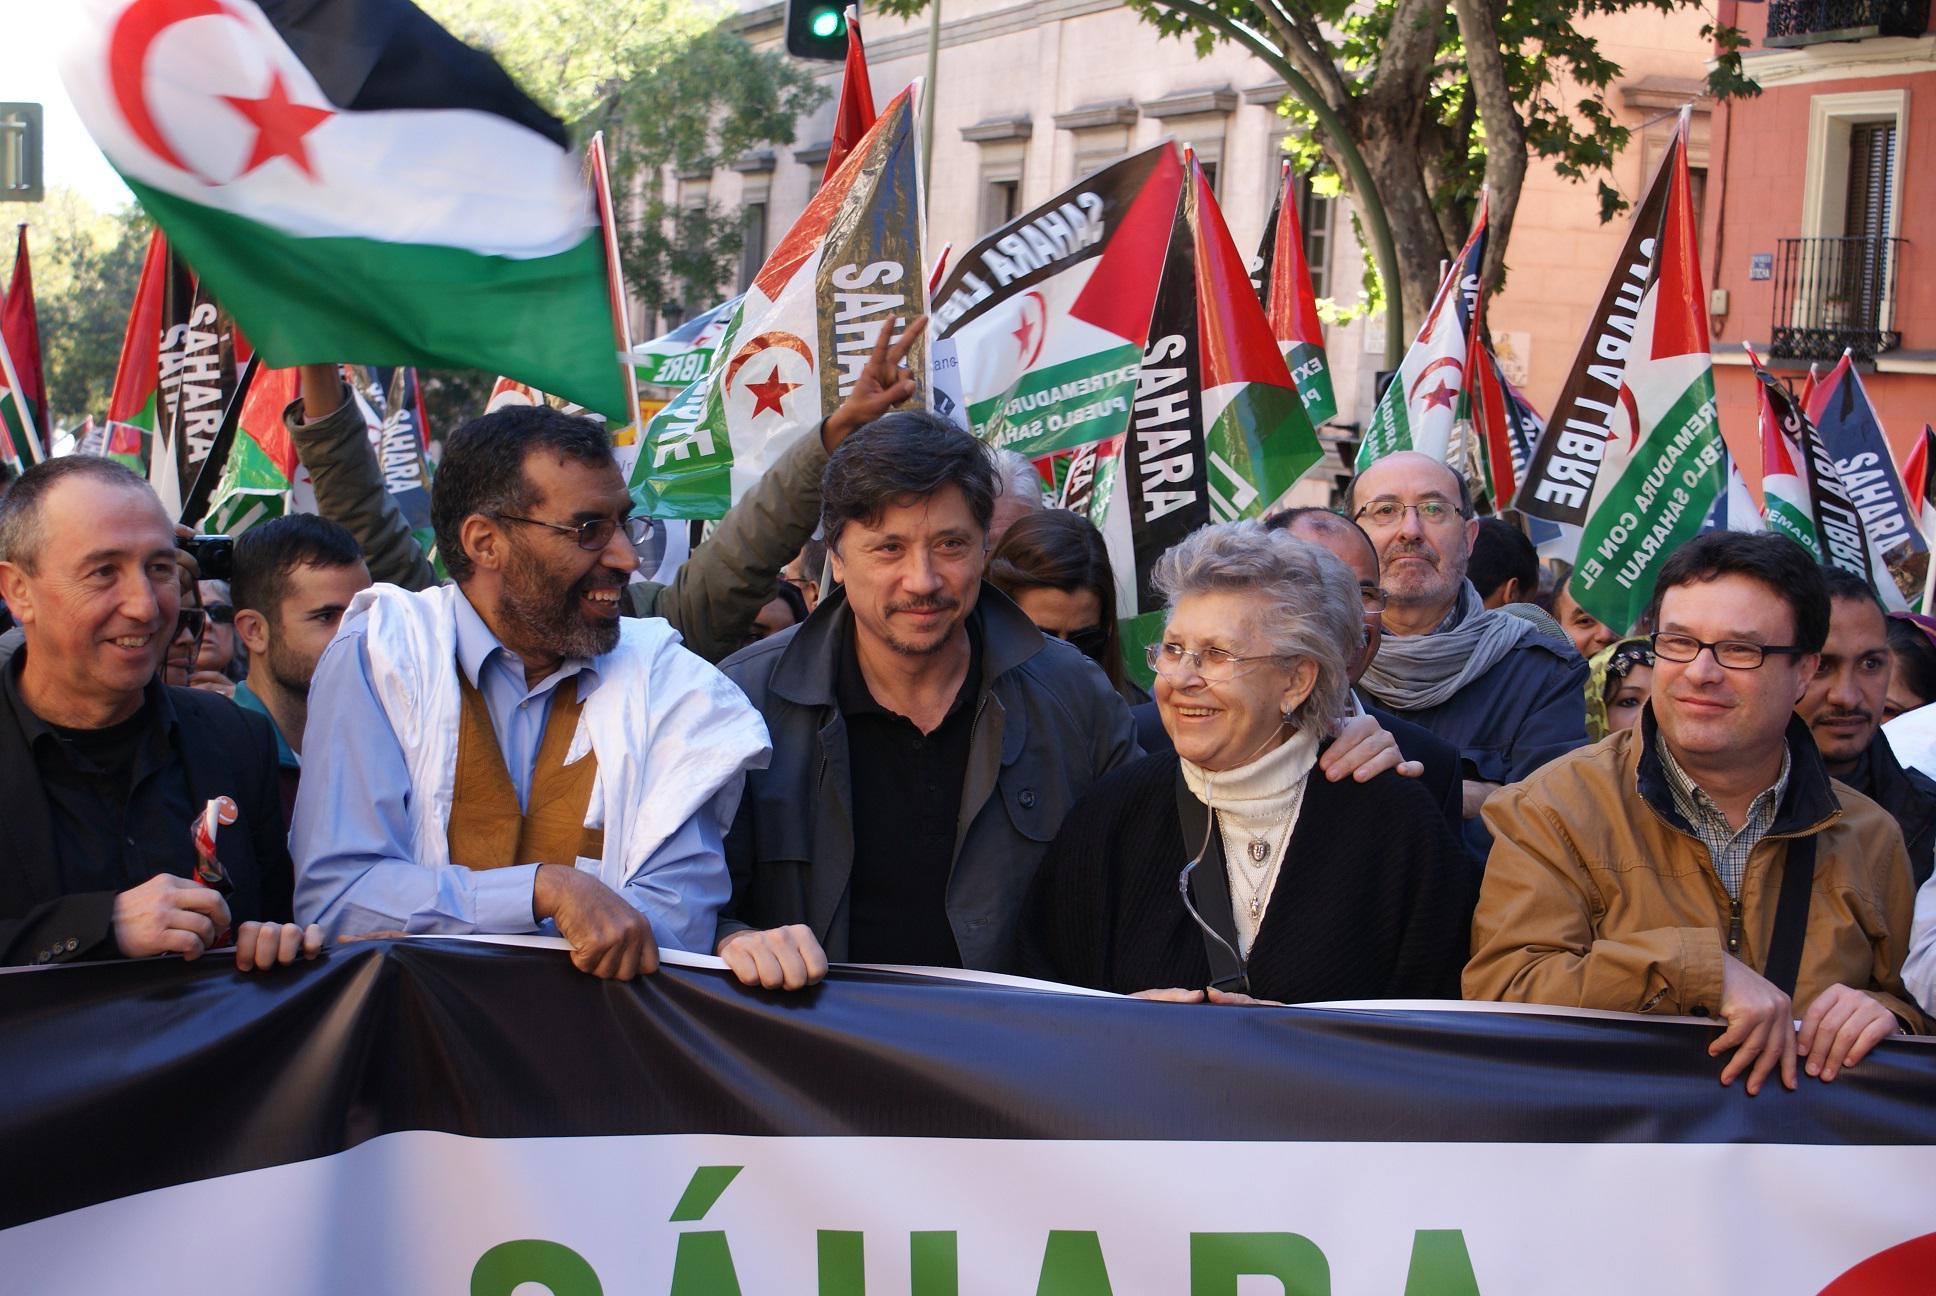 La familia Bardem en una manifestación en apoyo al pueblo sahariano